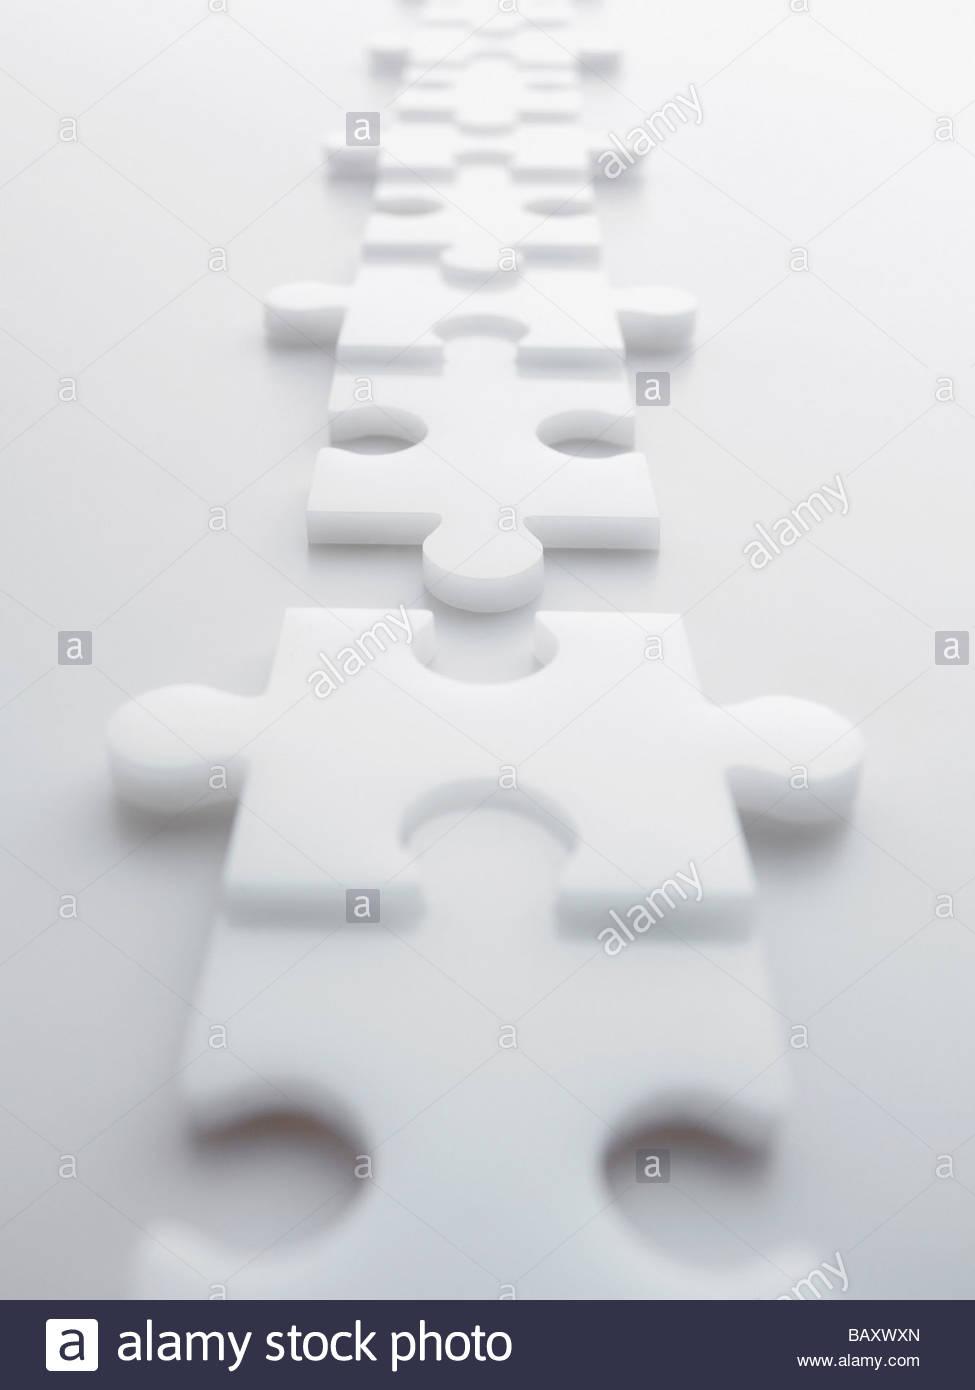 Dos líneas separadas de las piezas del rompecabezas de enclavamiento Imagen De Stock